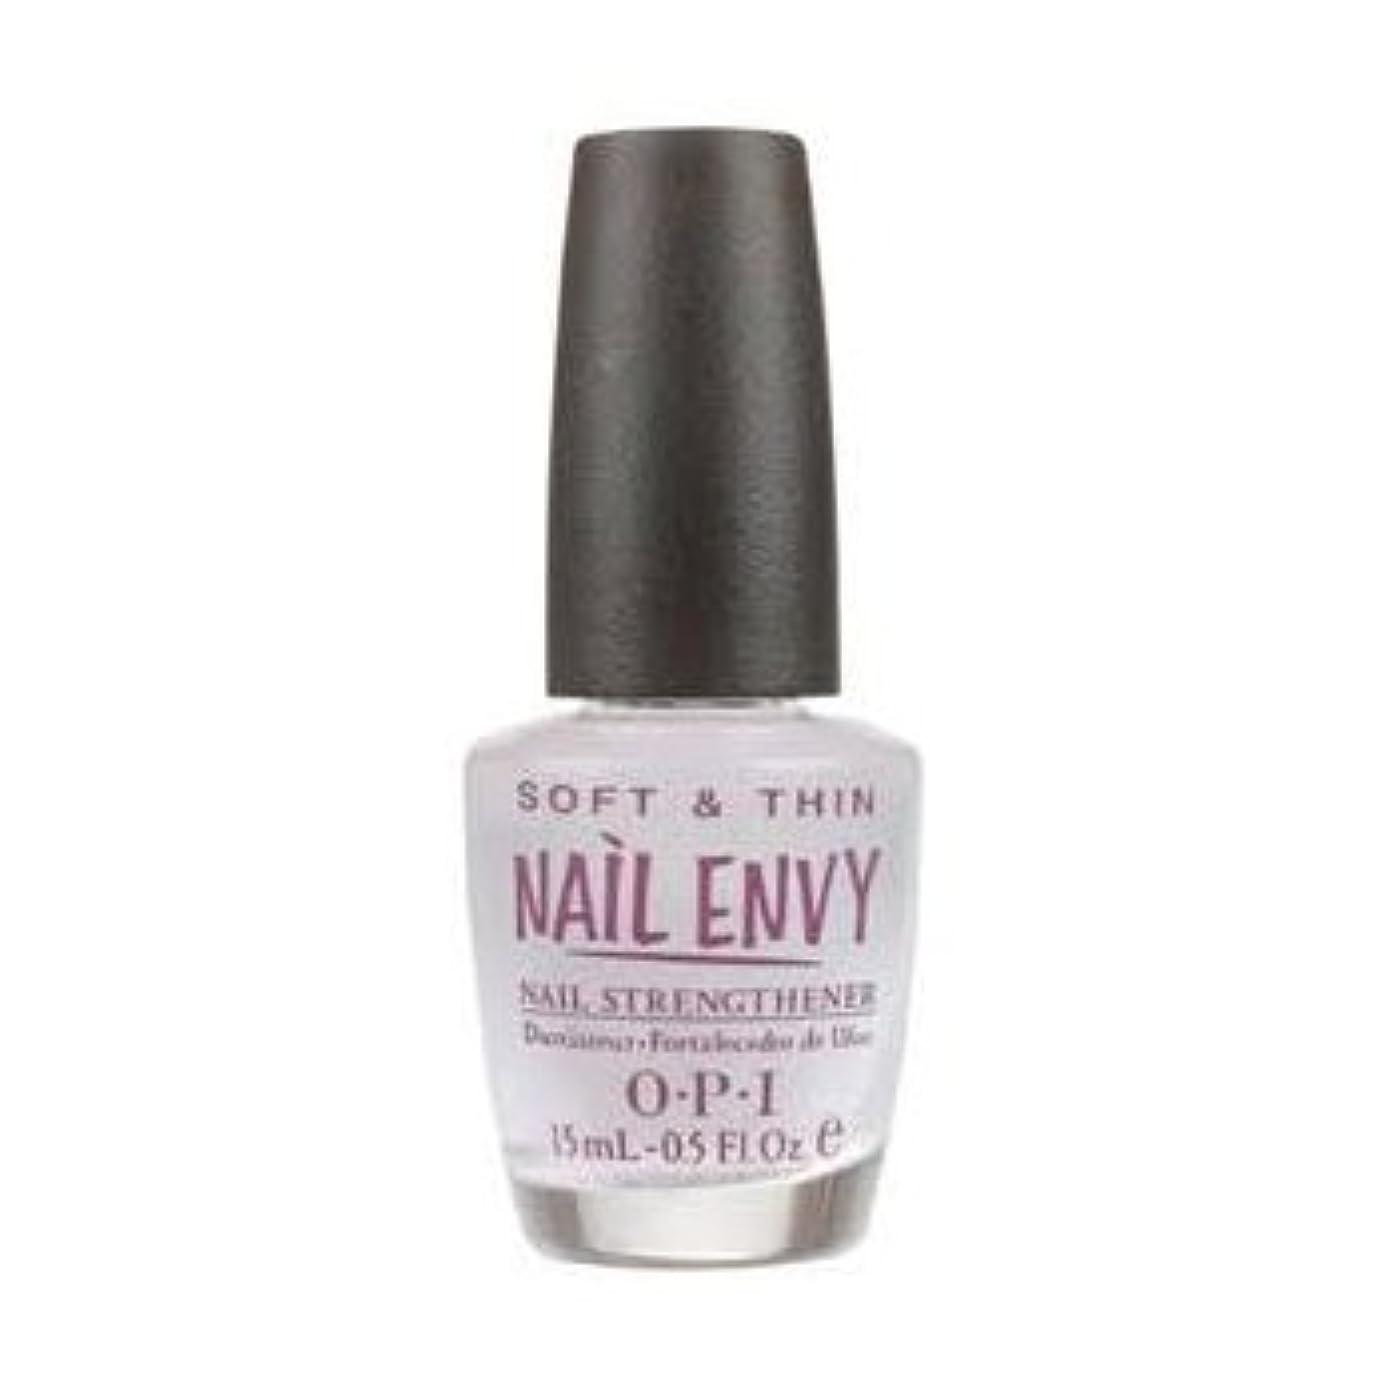 ベリーブラウンスタジアムOPI Nail Polish Nail Envy Soft & Thin Natural Nail Strengthener For Soft, Thin Nails